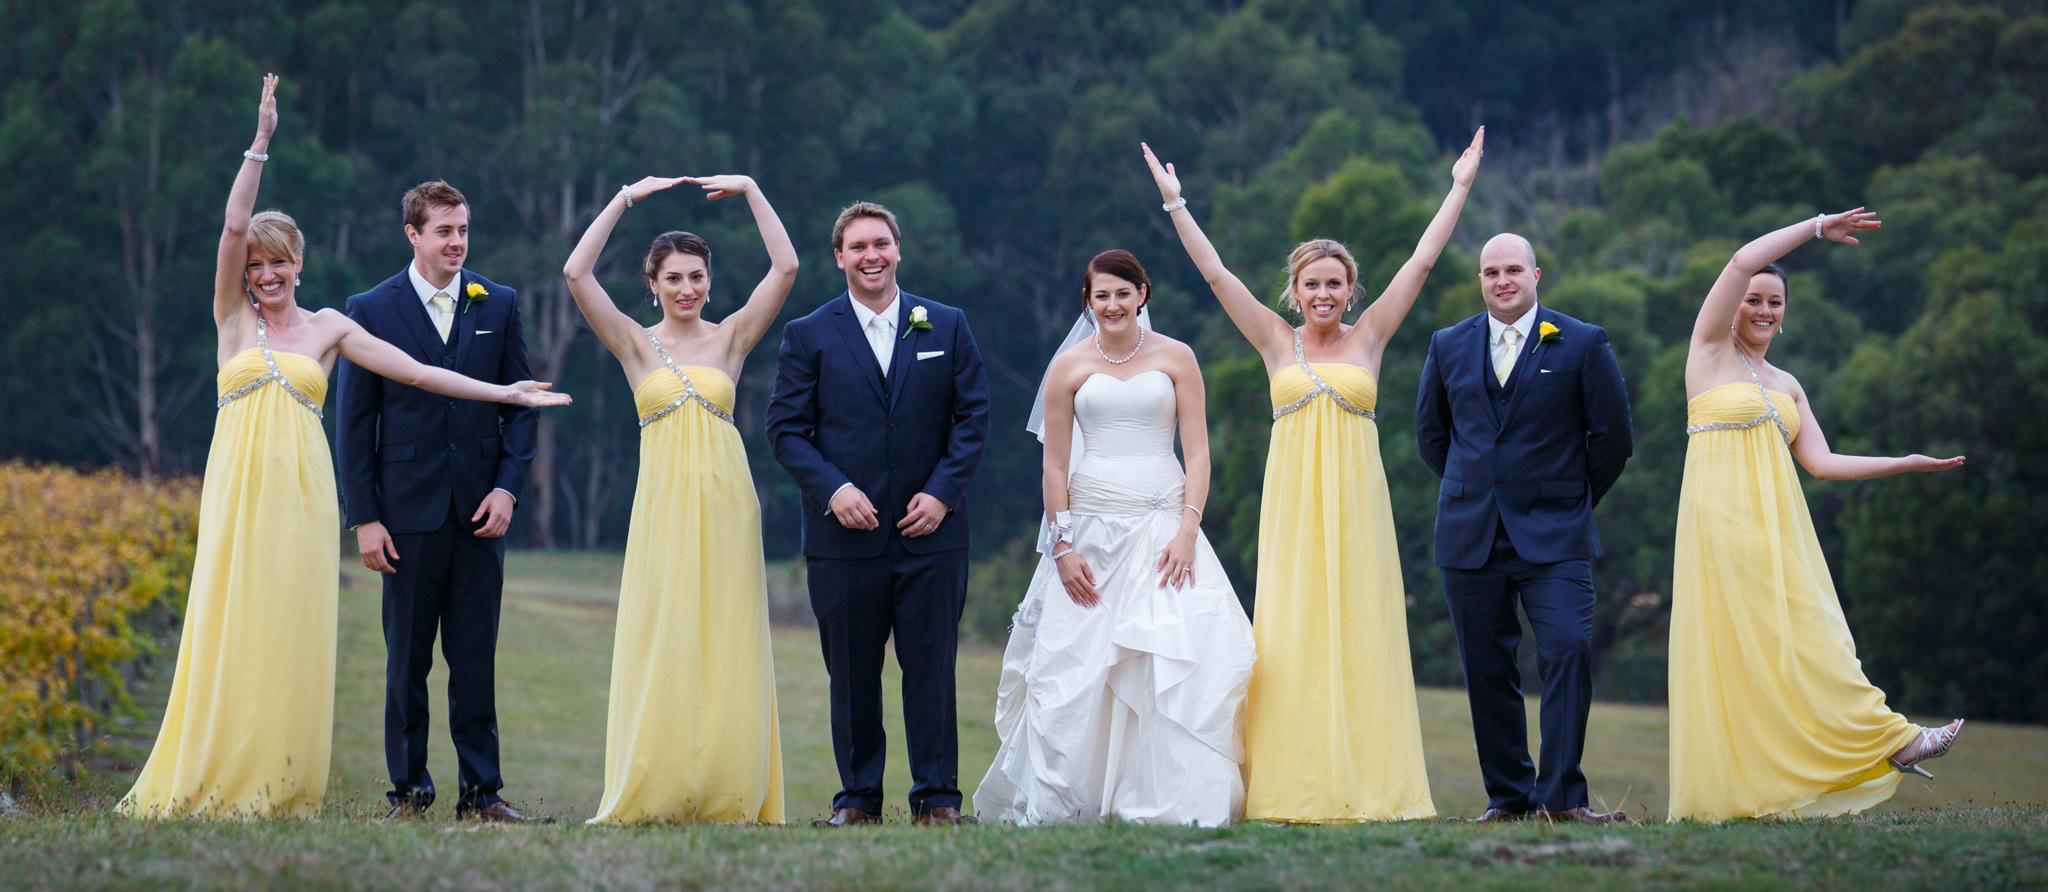 Bridal Party just having fun.